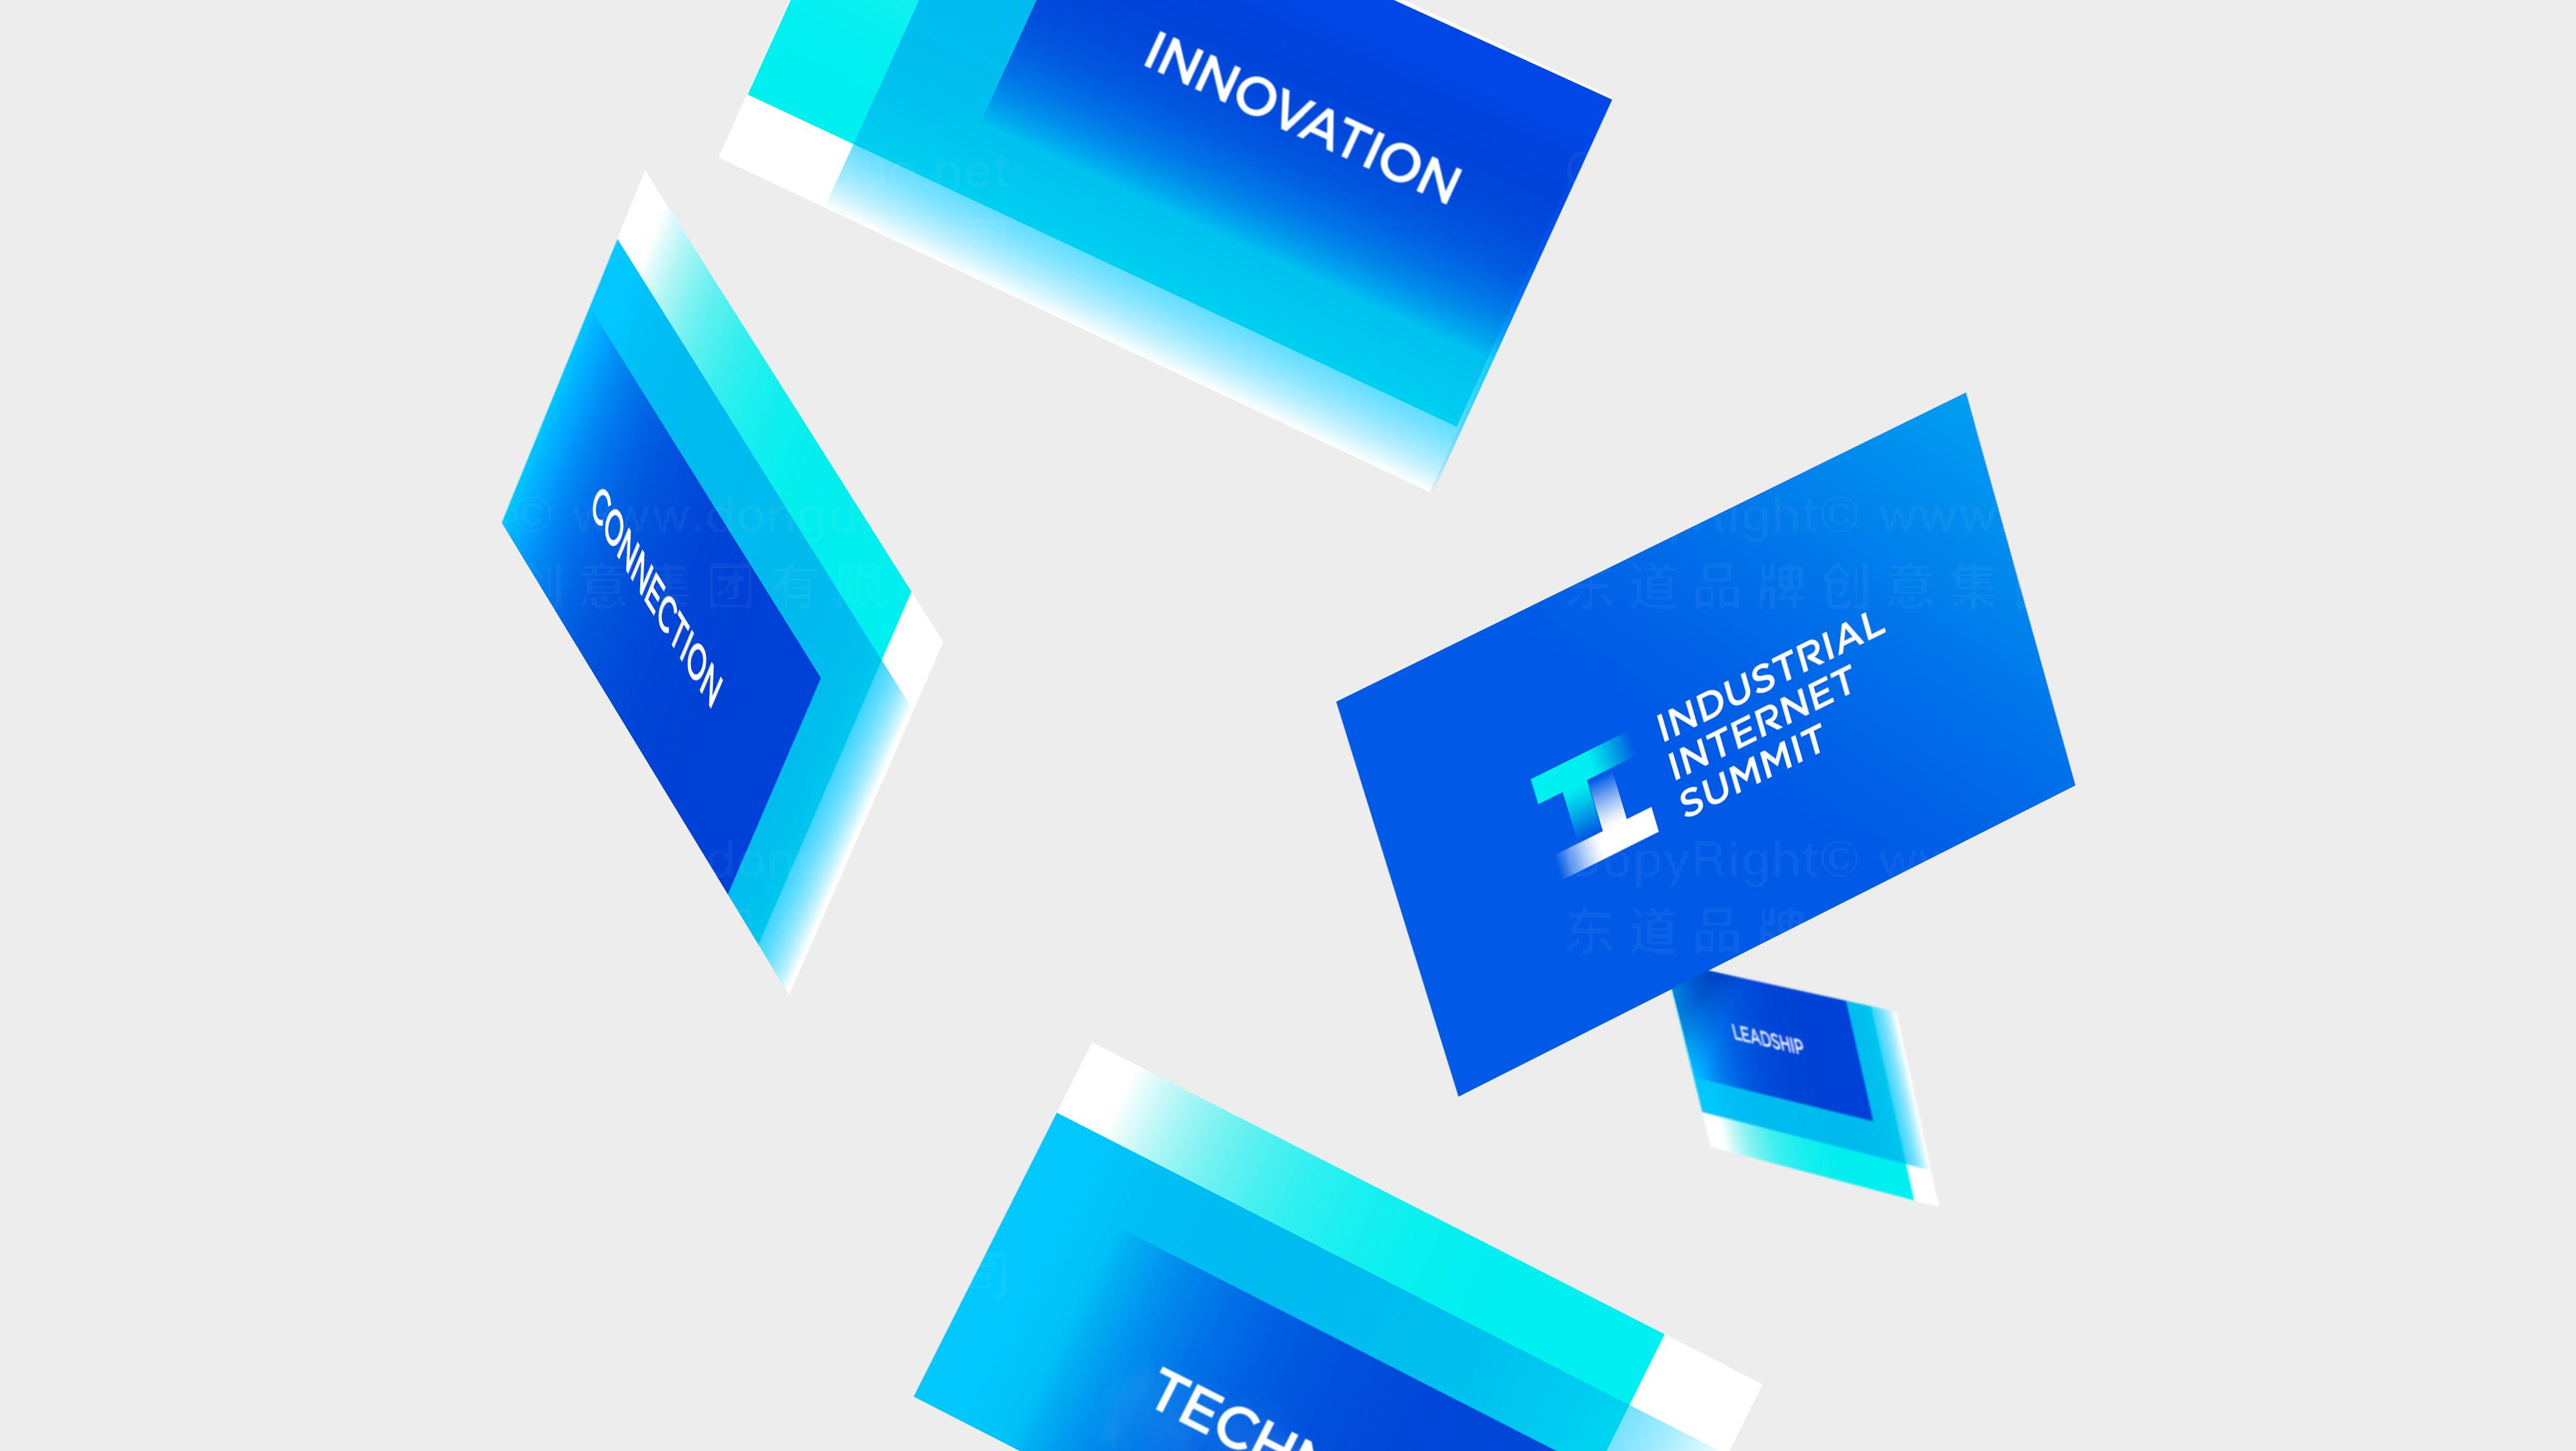 品牌设计工业互联网峰会LOGO设计应用场景